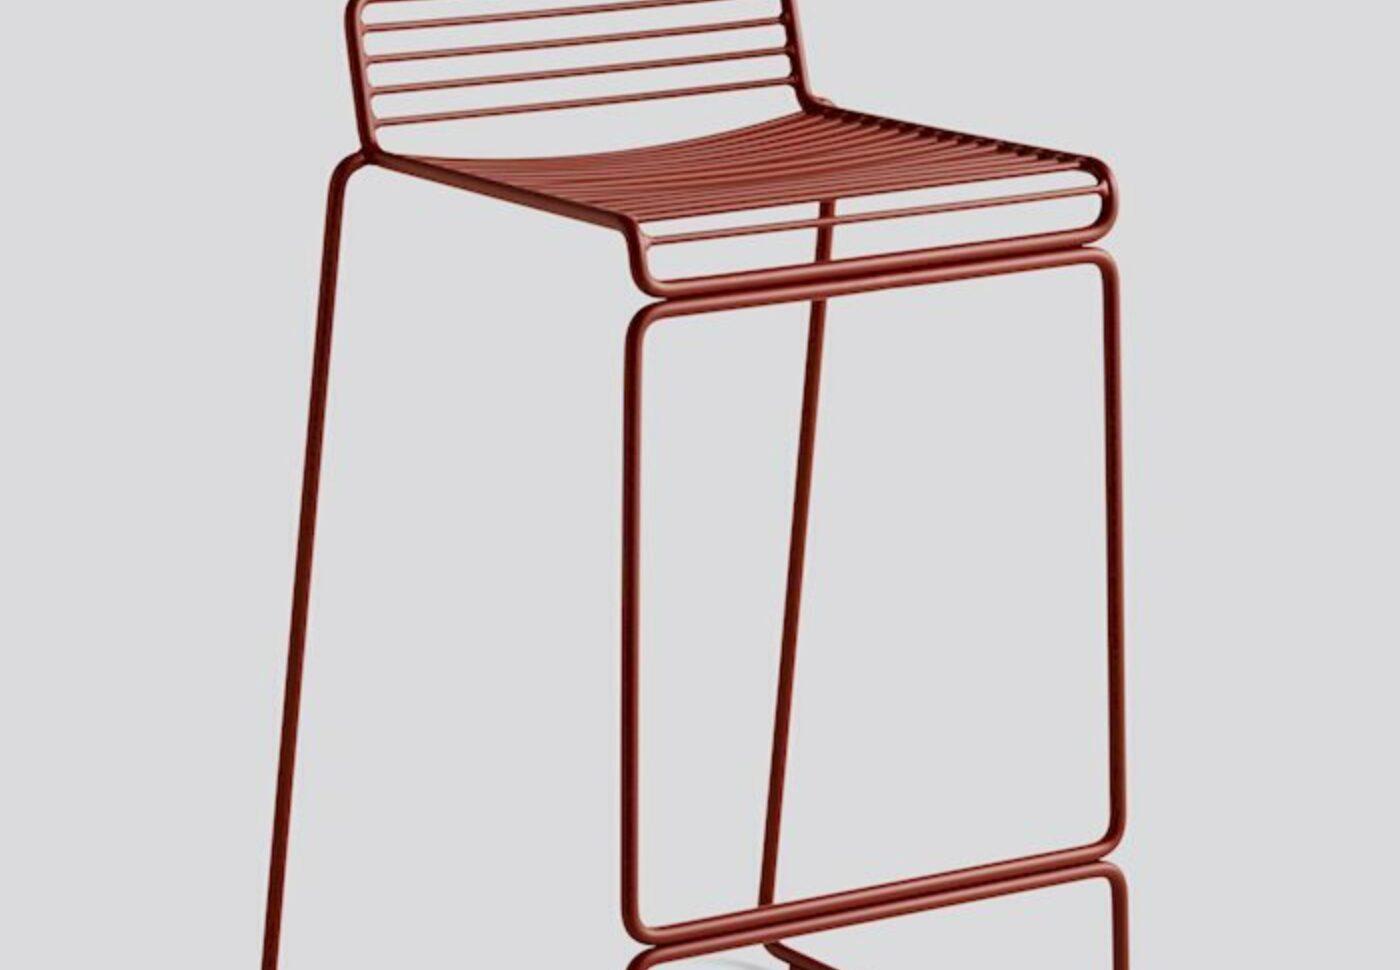 1027013009000zzzzzzz hee bar stool low rust gb 910x1100 brandvariant